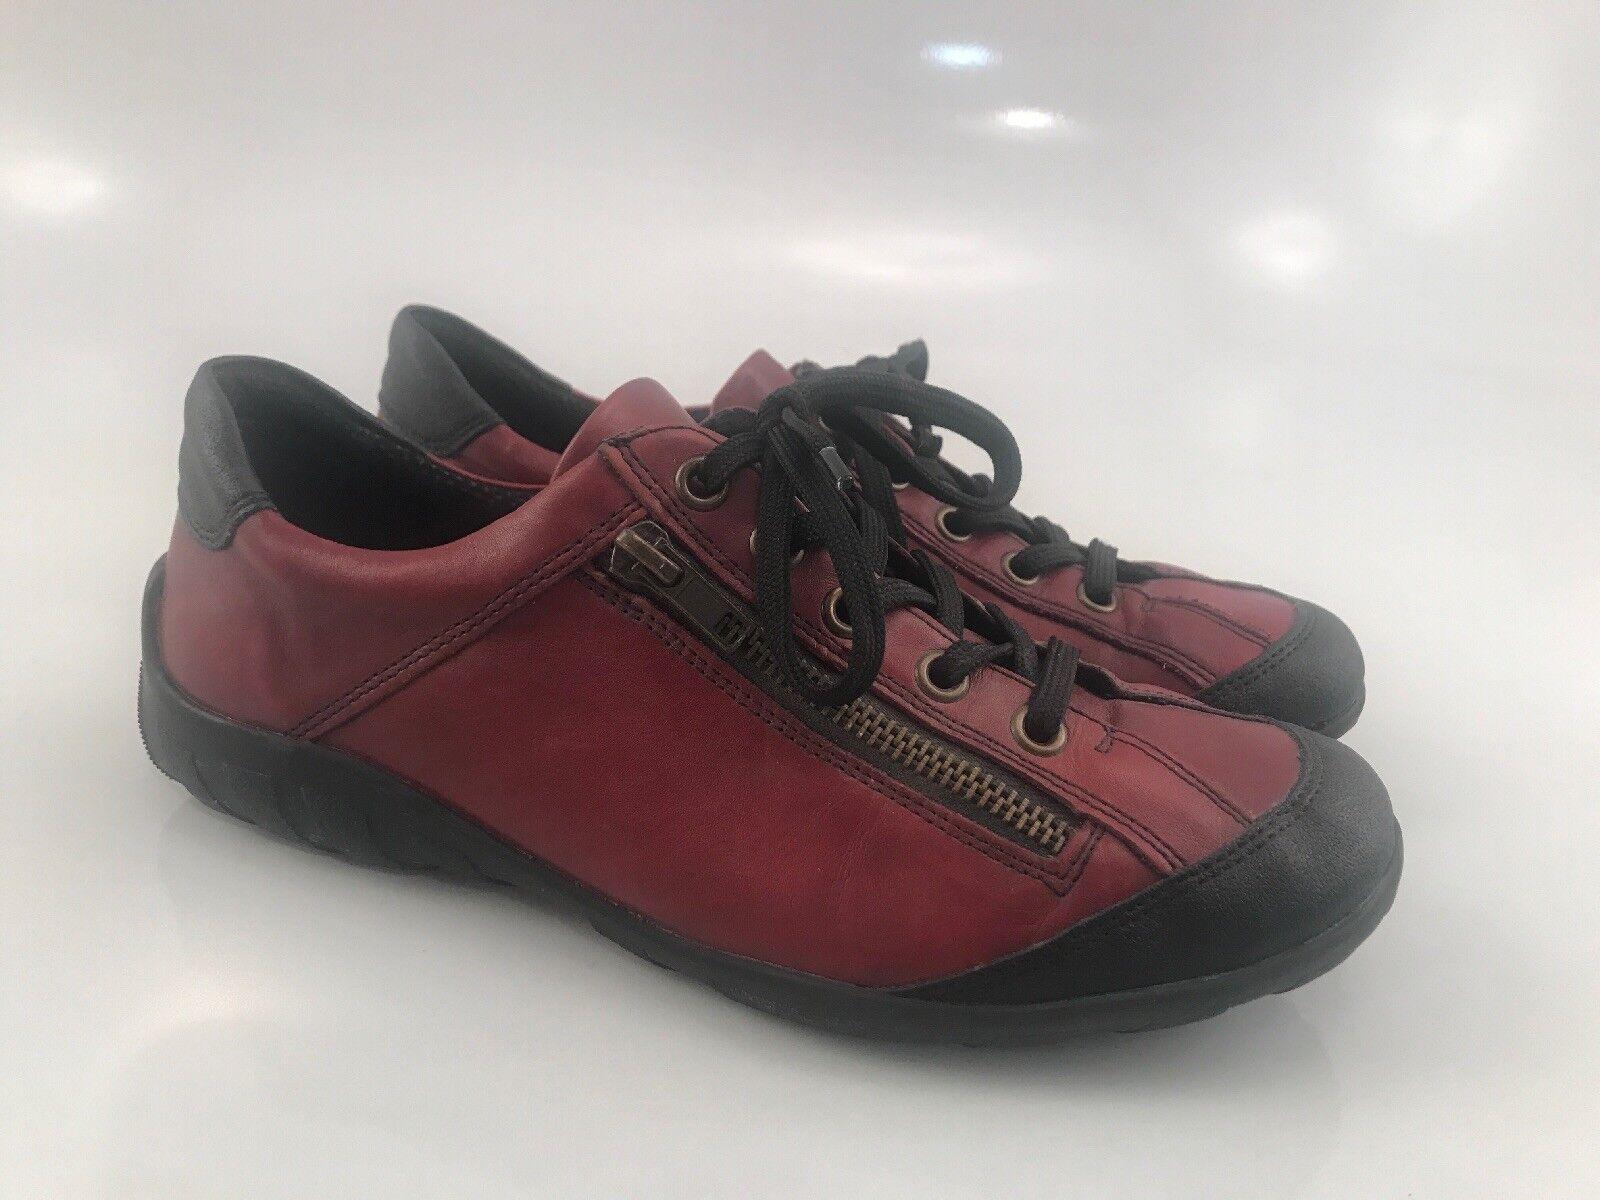 Remonte Corbata De Cuero Rojo Ladrillo Zapatillas Zapatos de de de moda comodidad para mujer 38 EU 7.5 nos  comprar descuentos